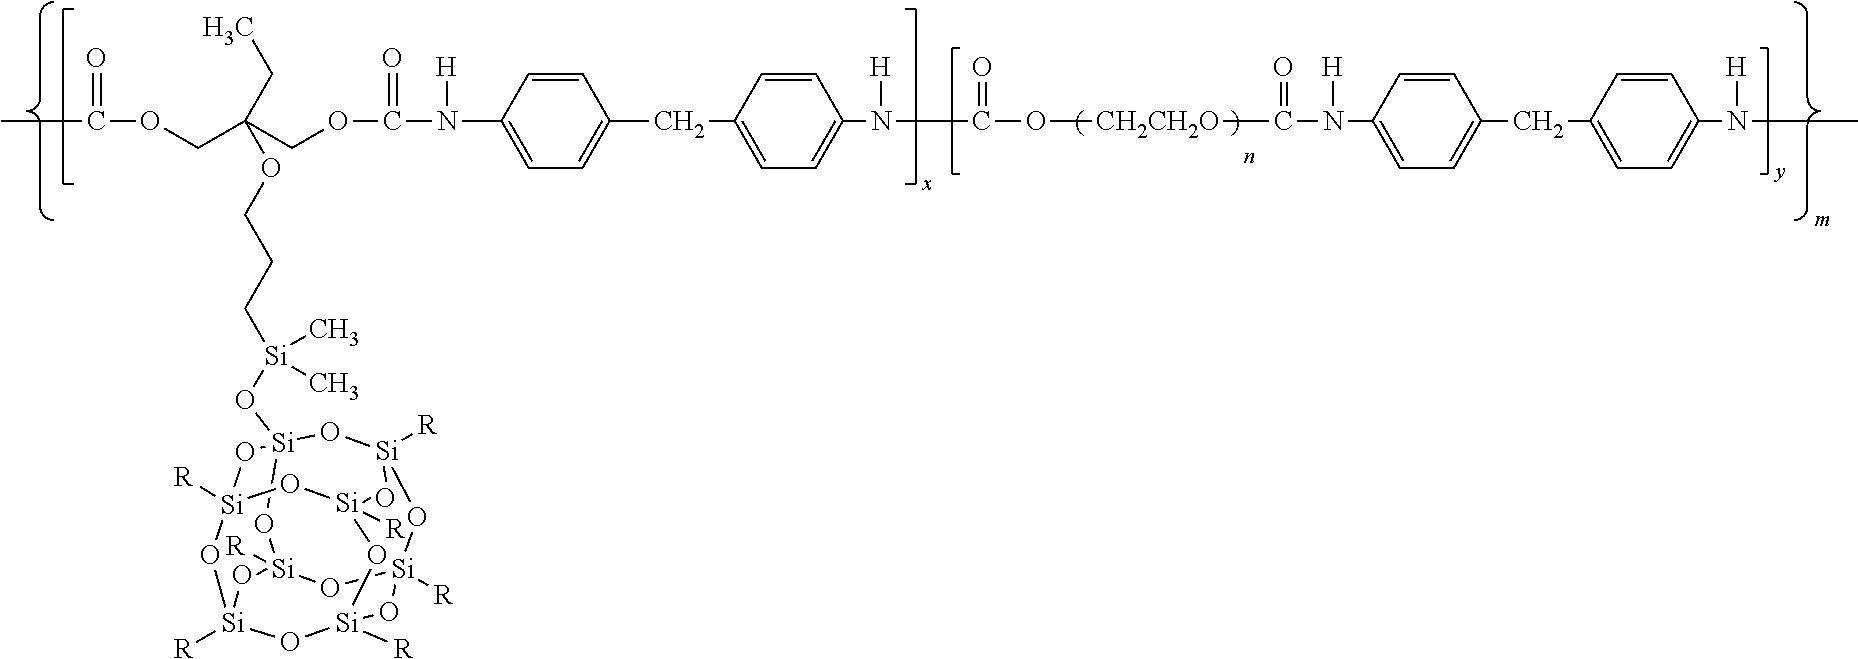 Figure US20100331954A1-20101230-C00005